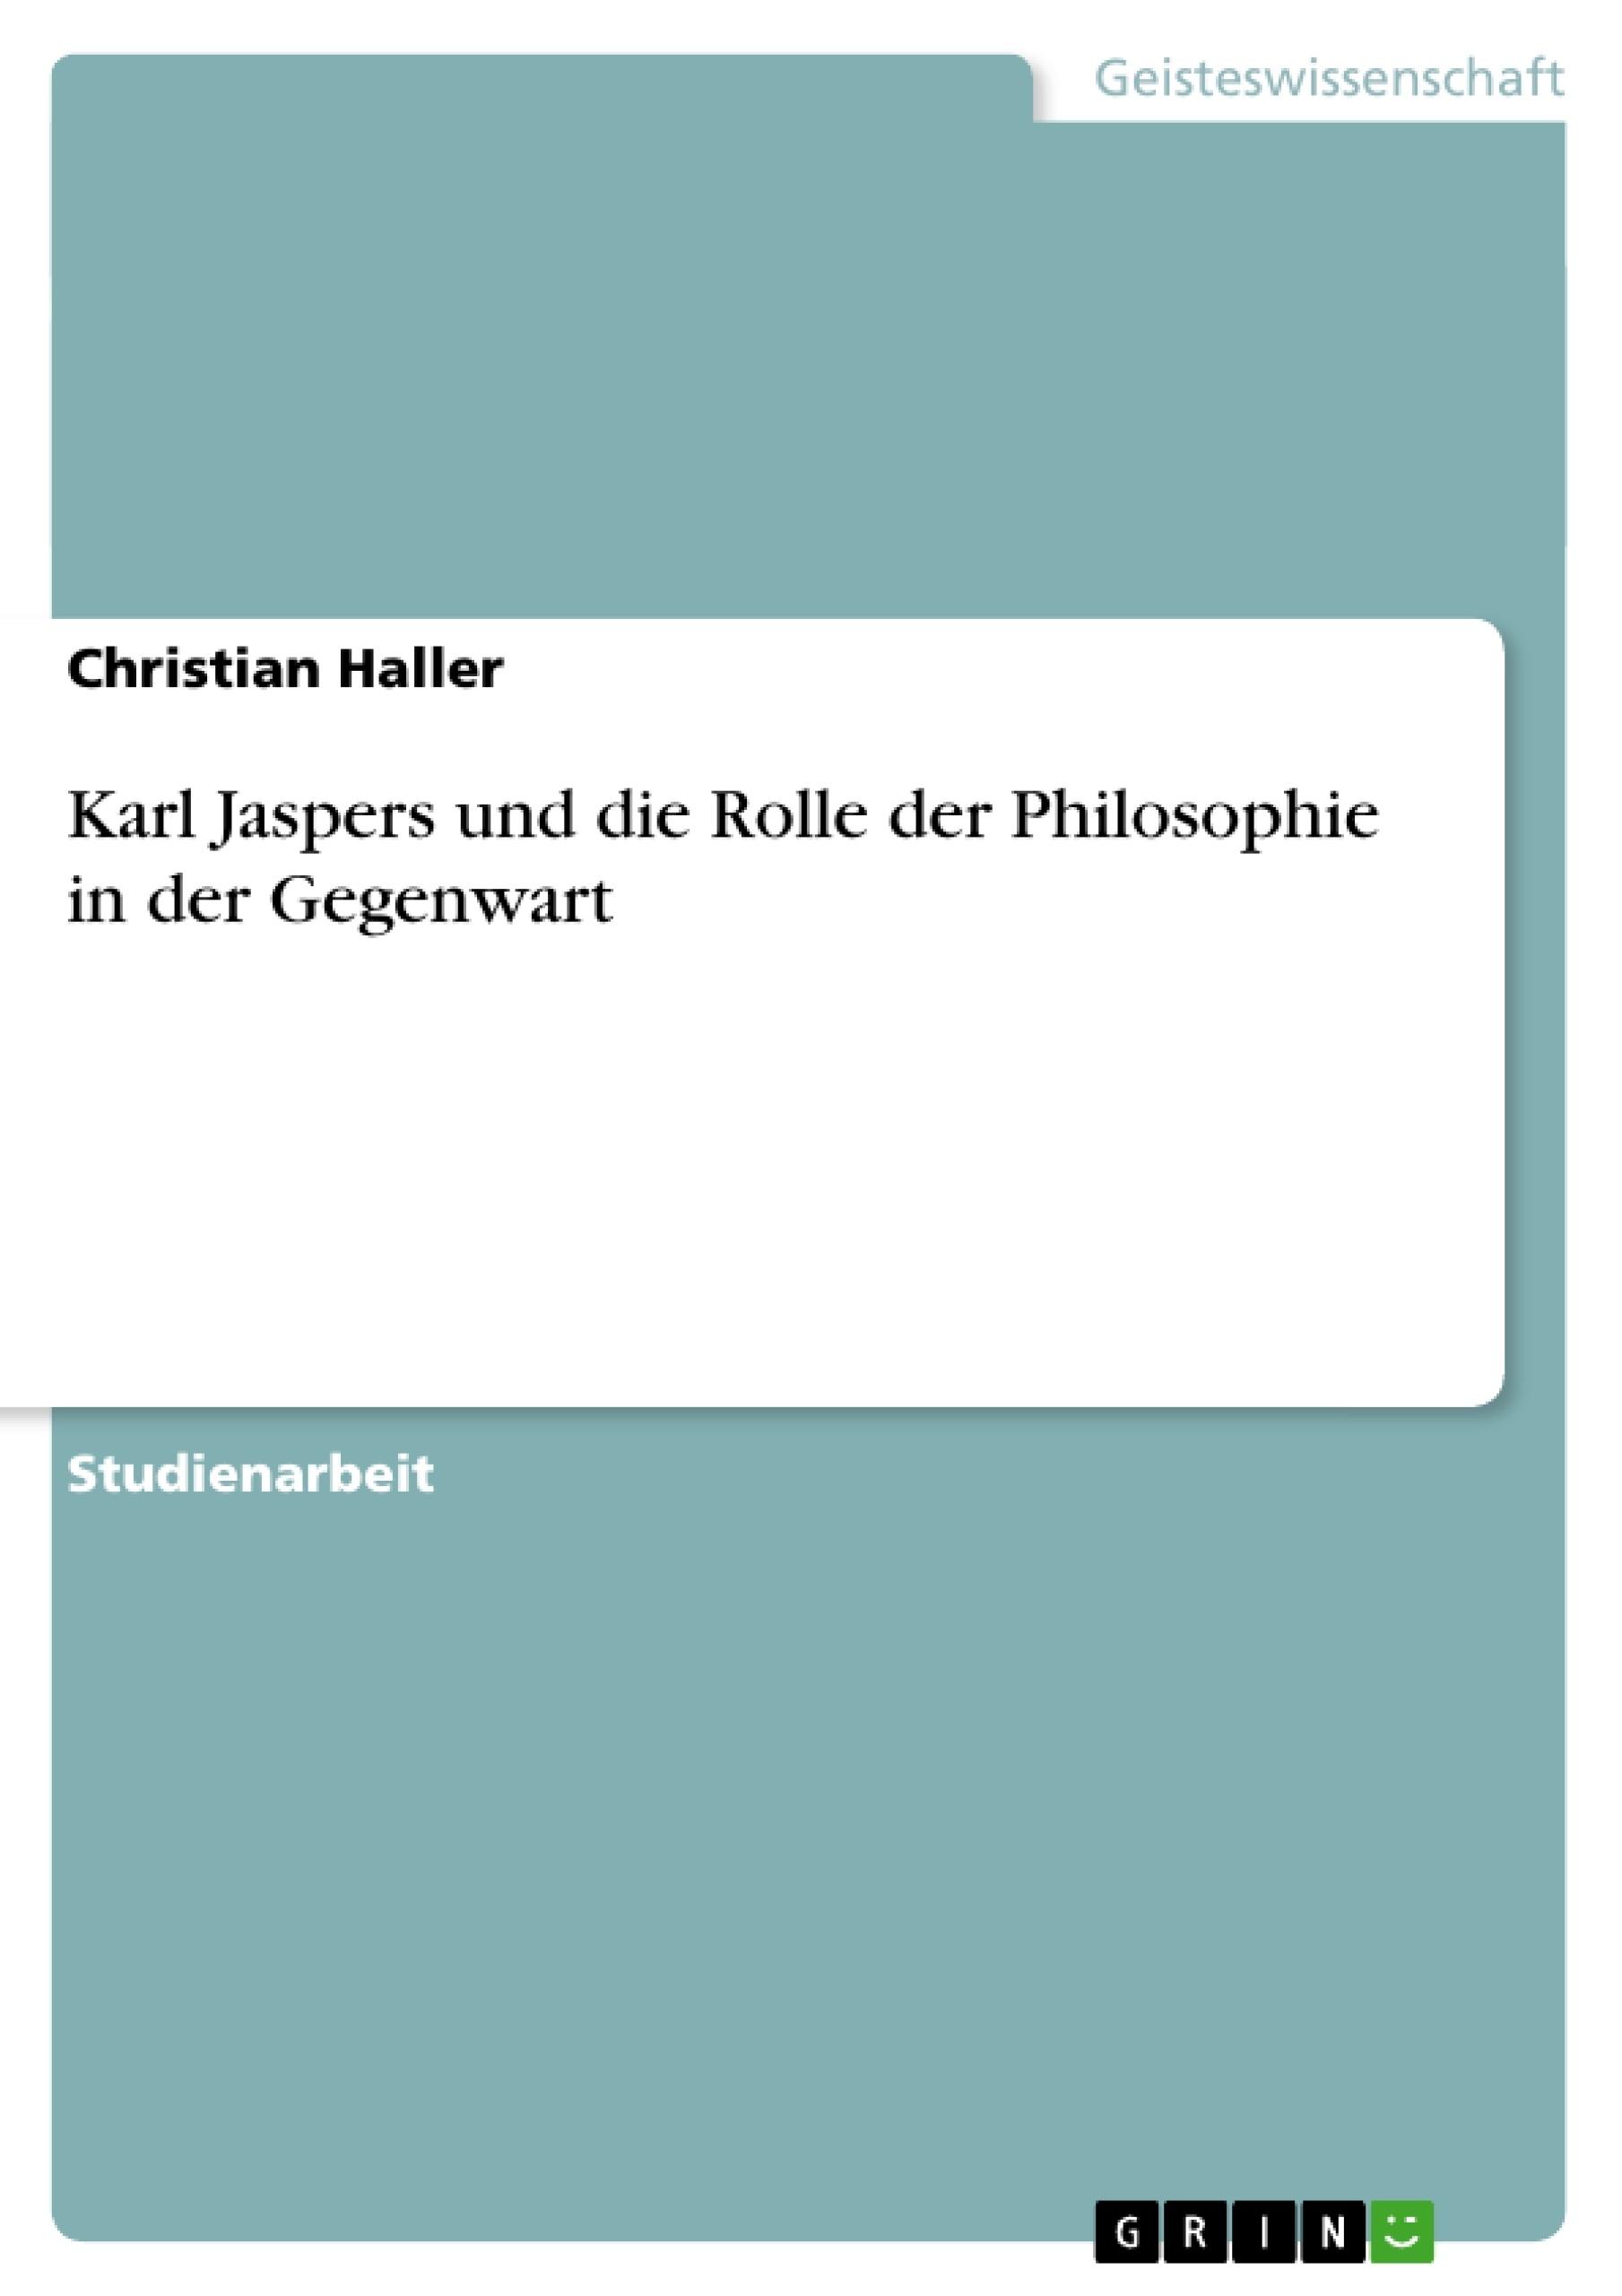 Titel: Karl Jaspers und die Rolle der Philosophie in der Gegenwart